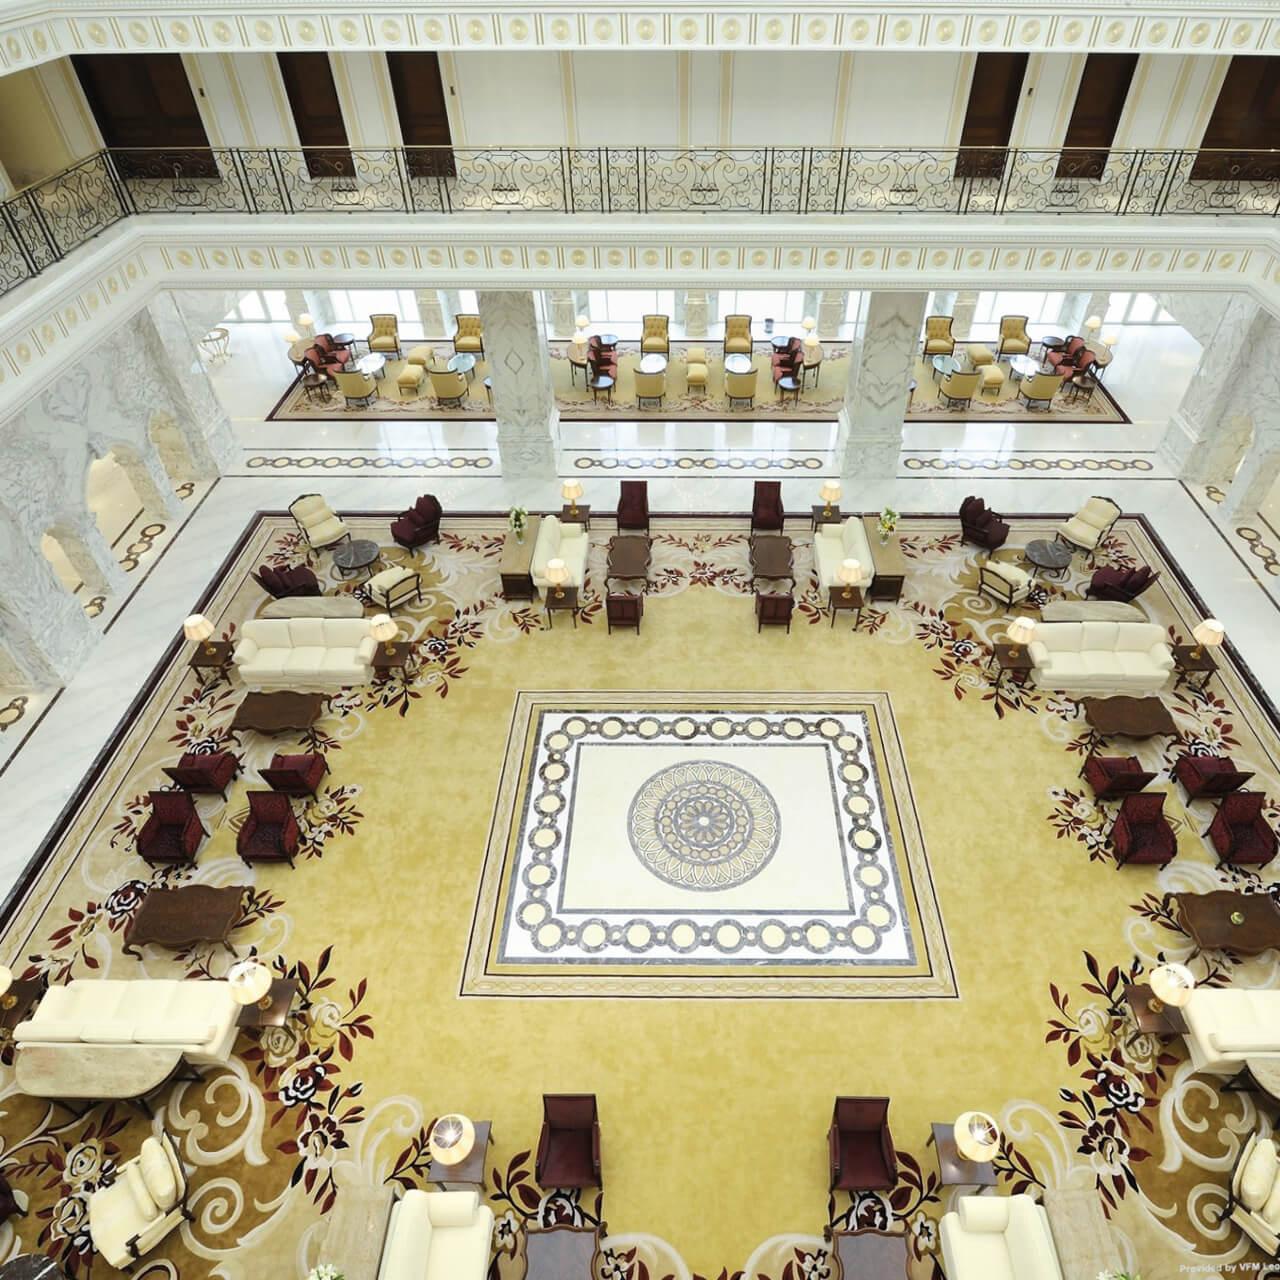 The_Regency_Hotel_Kuwait